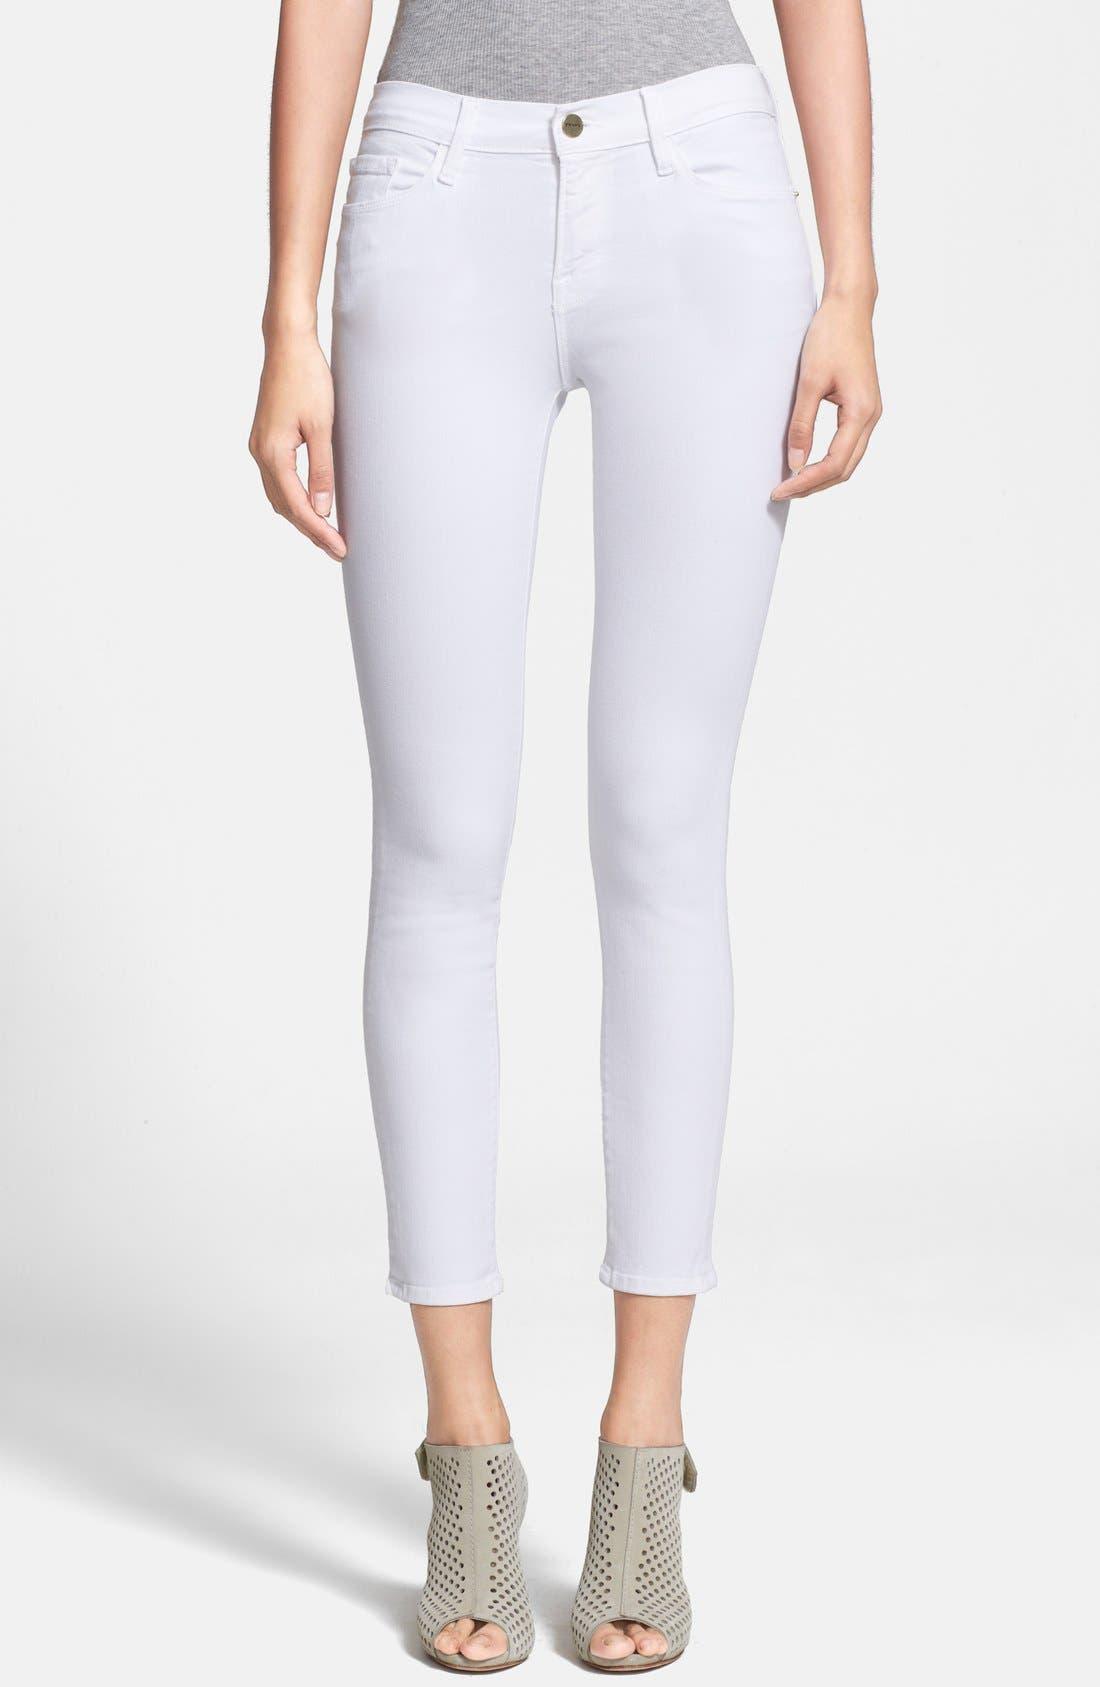 Alternate Image 1 Selected - Frame Denim 'Le Color Crop' Skinny Jeans